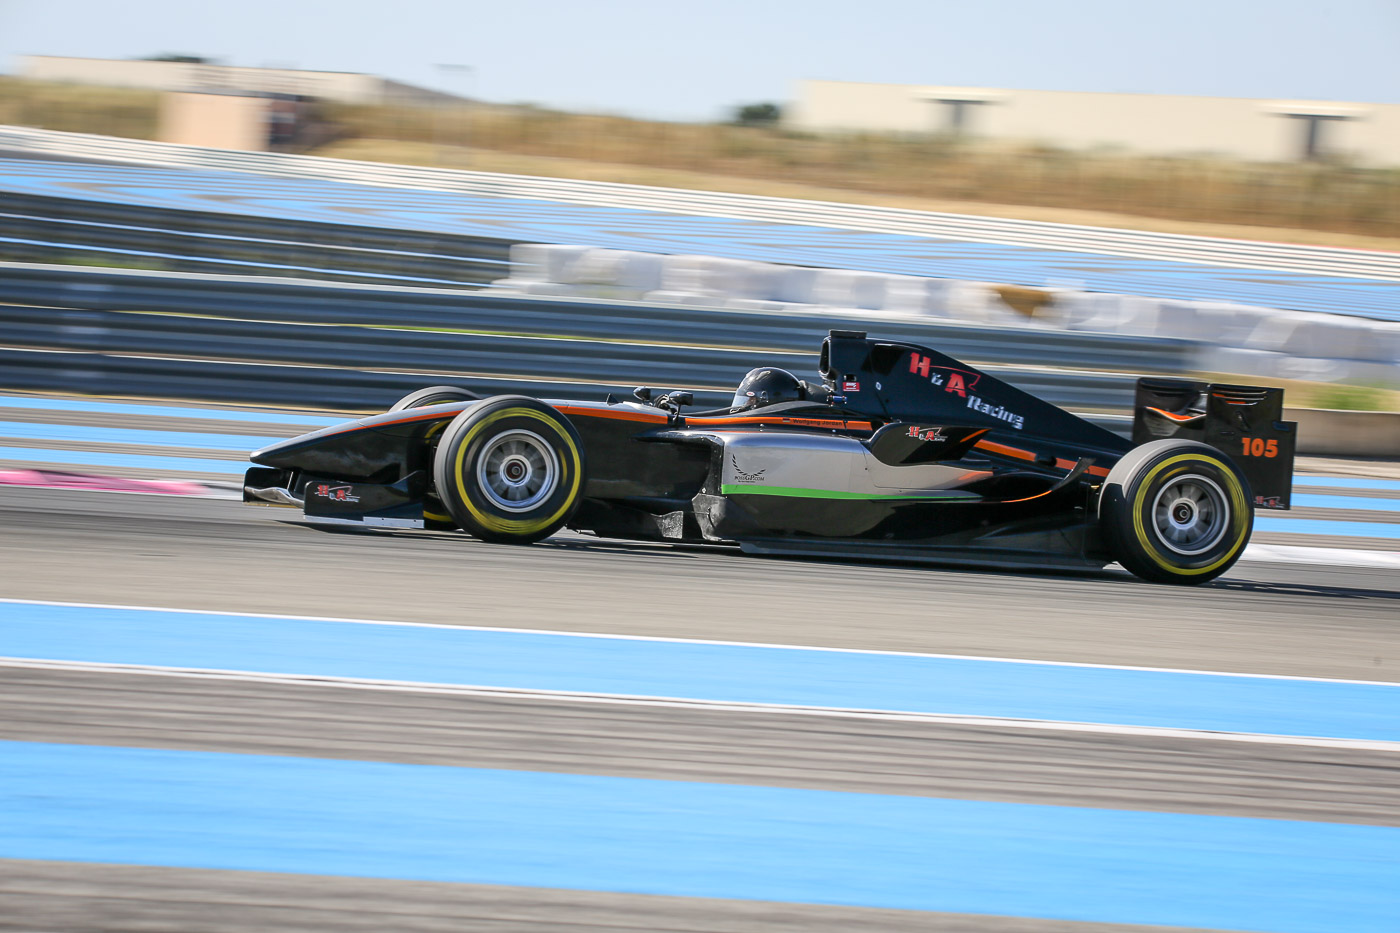 Dallara - GP2